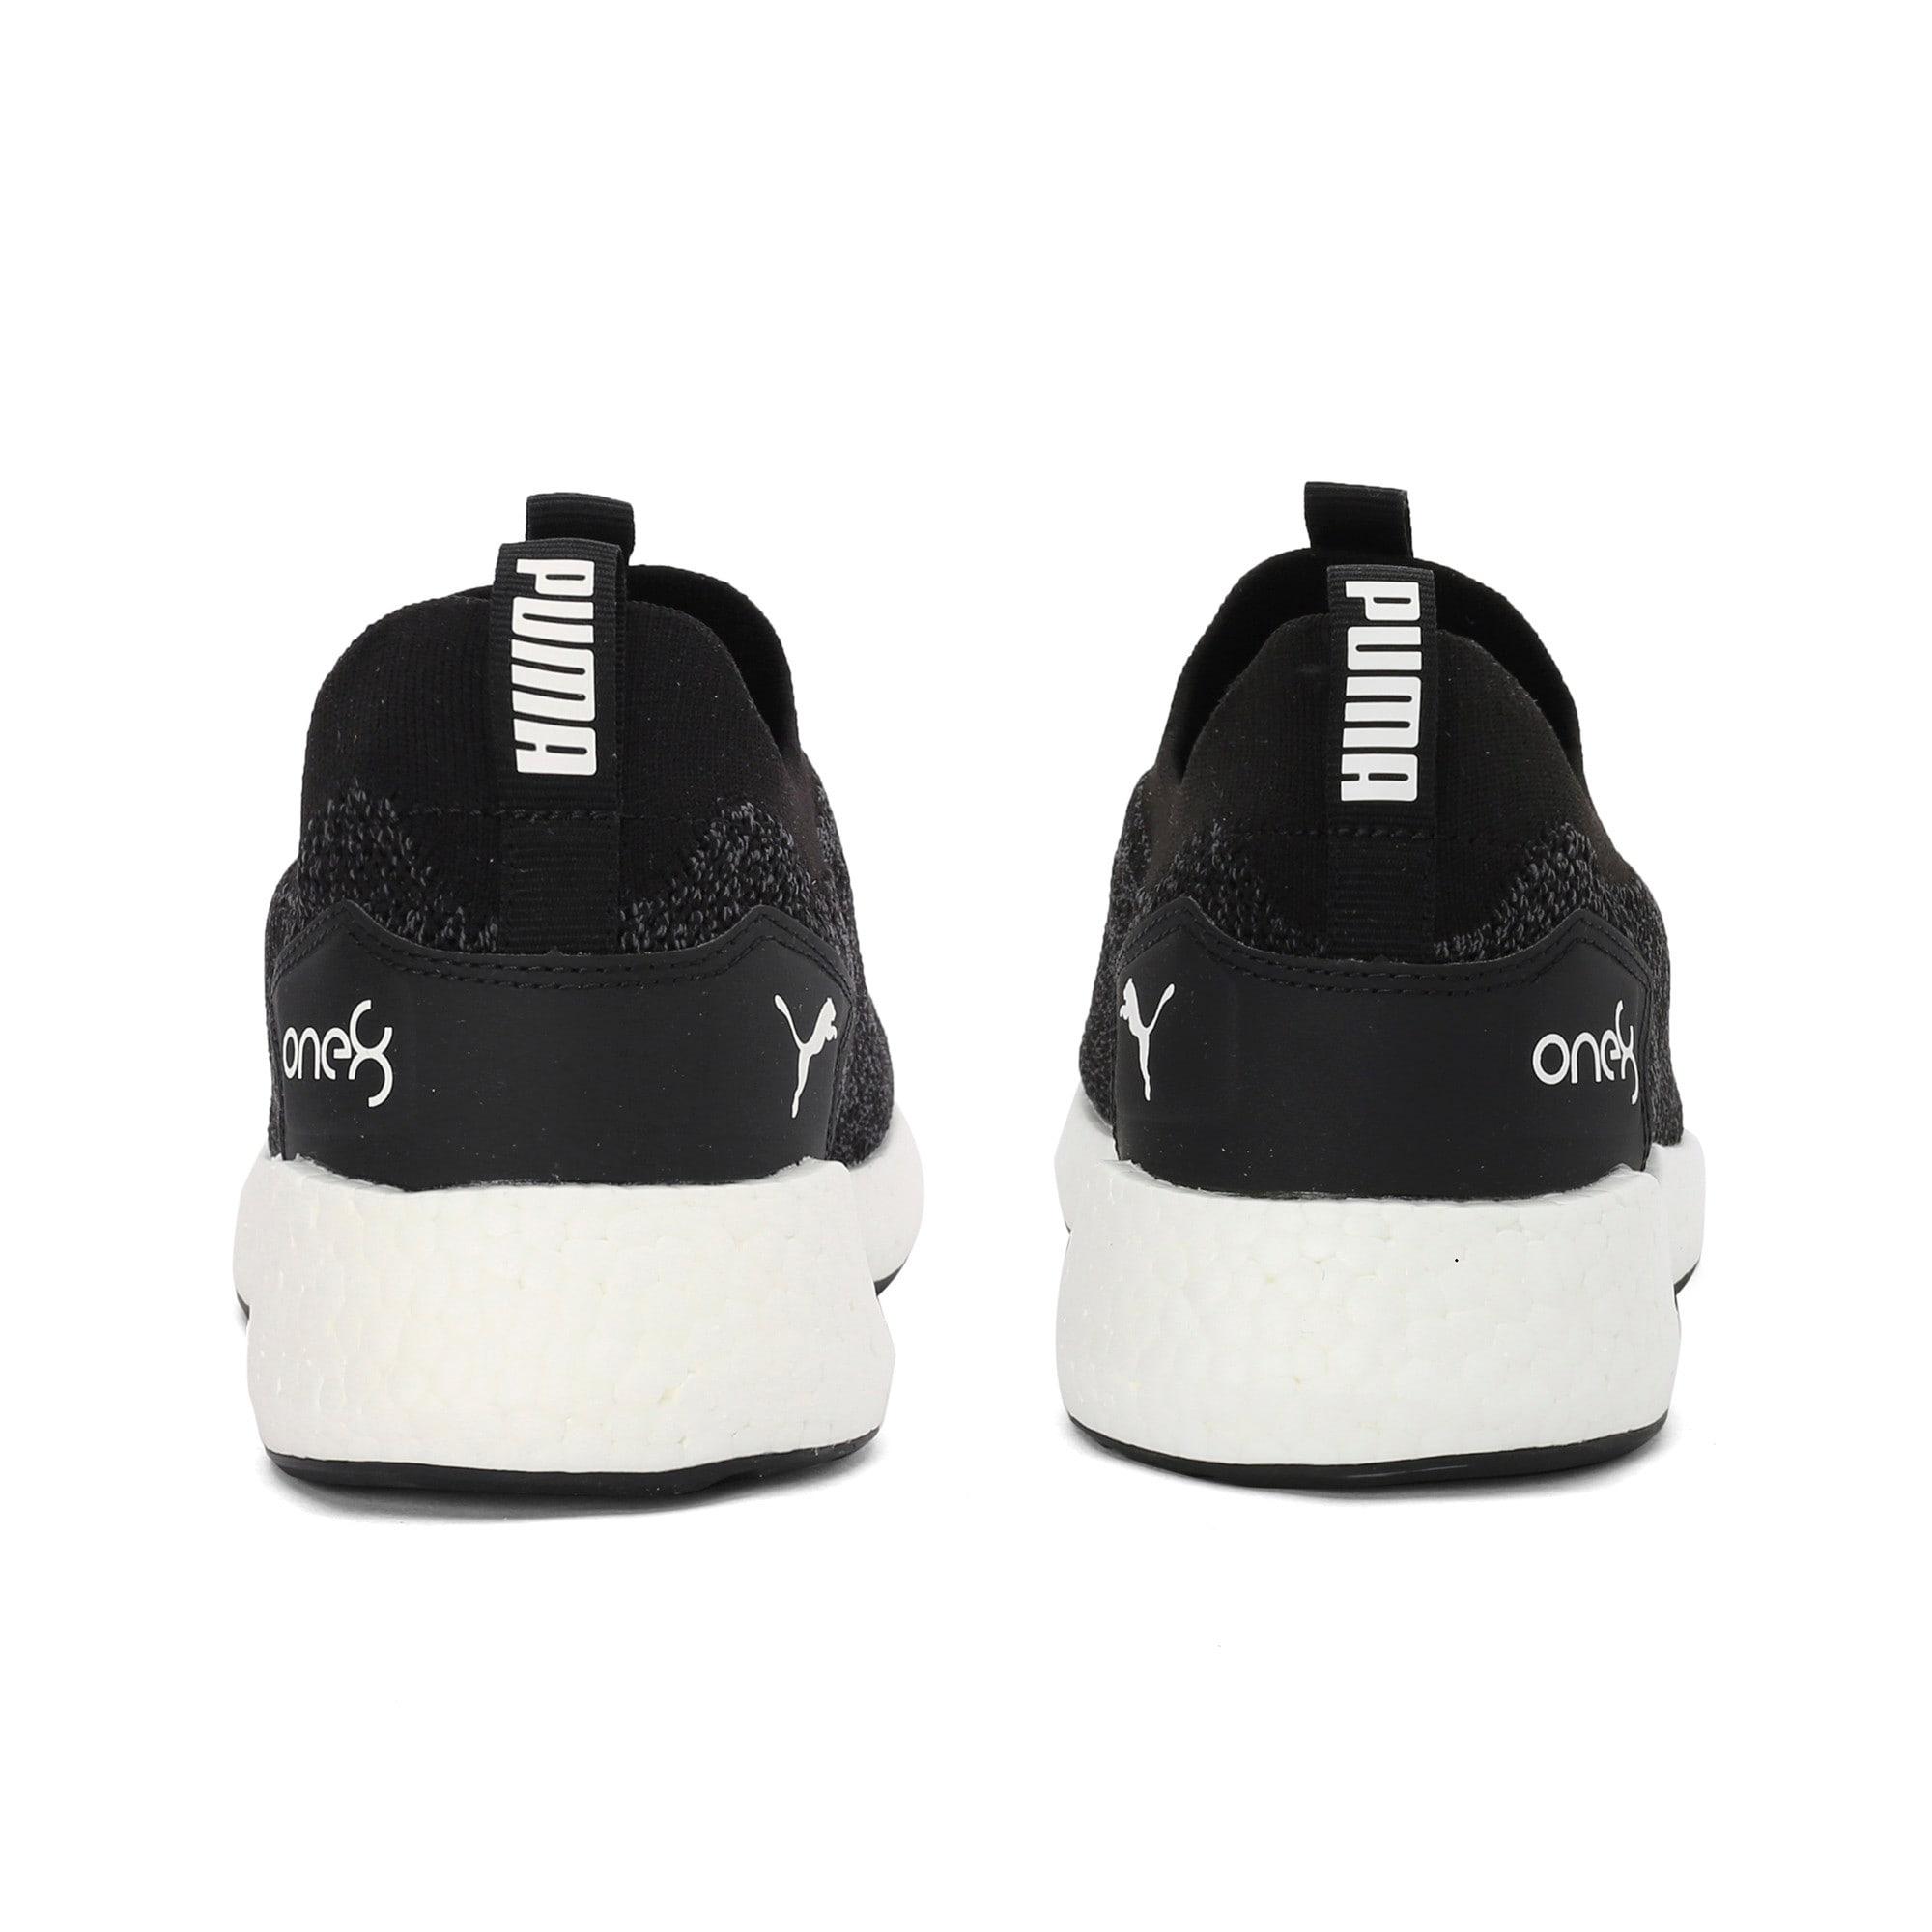 Thumbnail 3 of NRGY Neko Slip-On one8 Unisex Running Shoes, Puma Black-Puma White, medium-IND